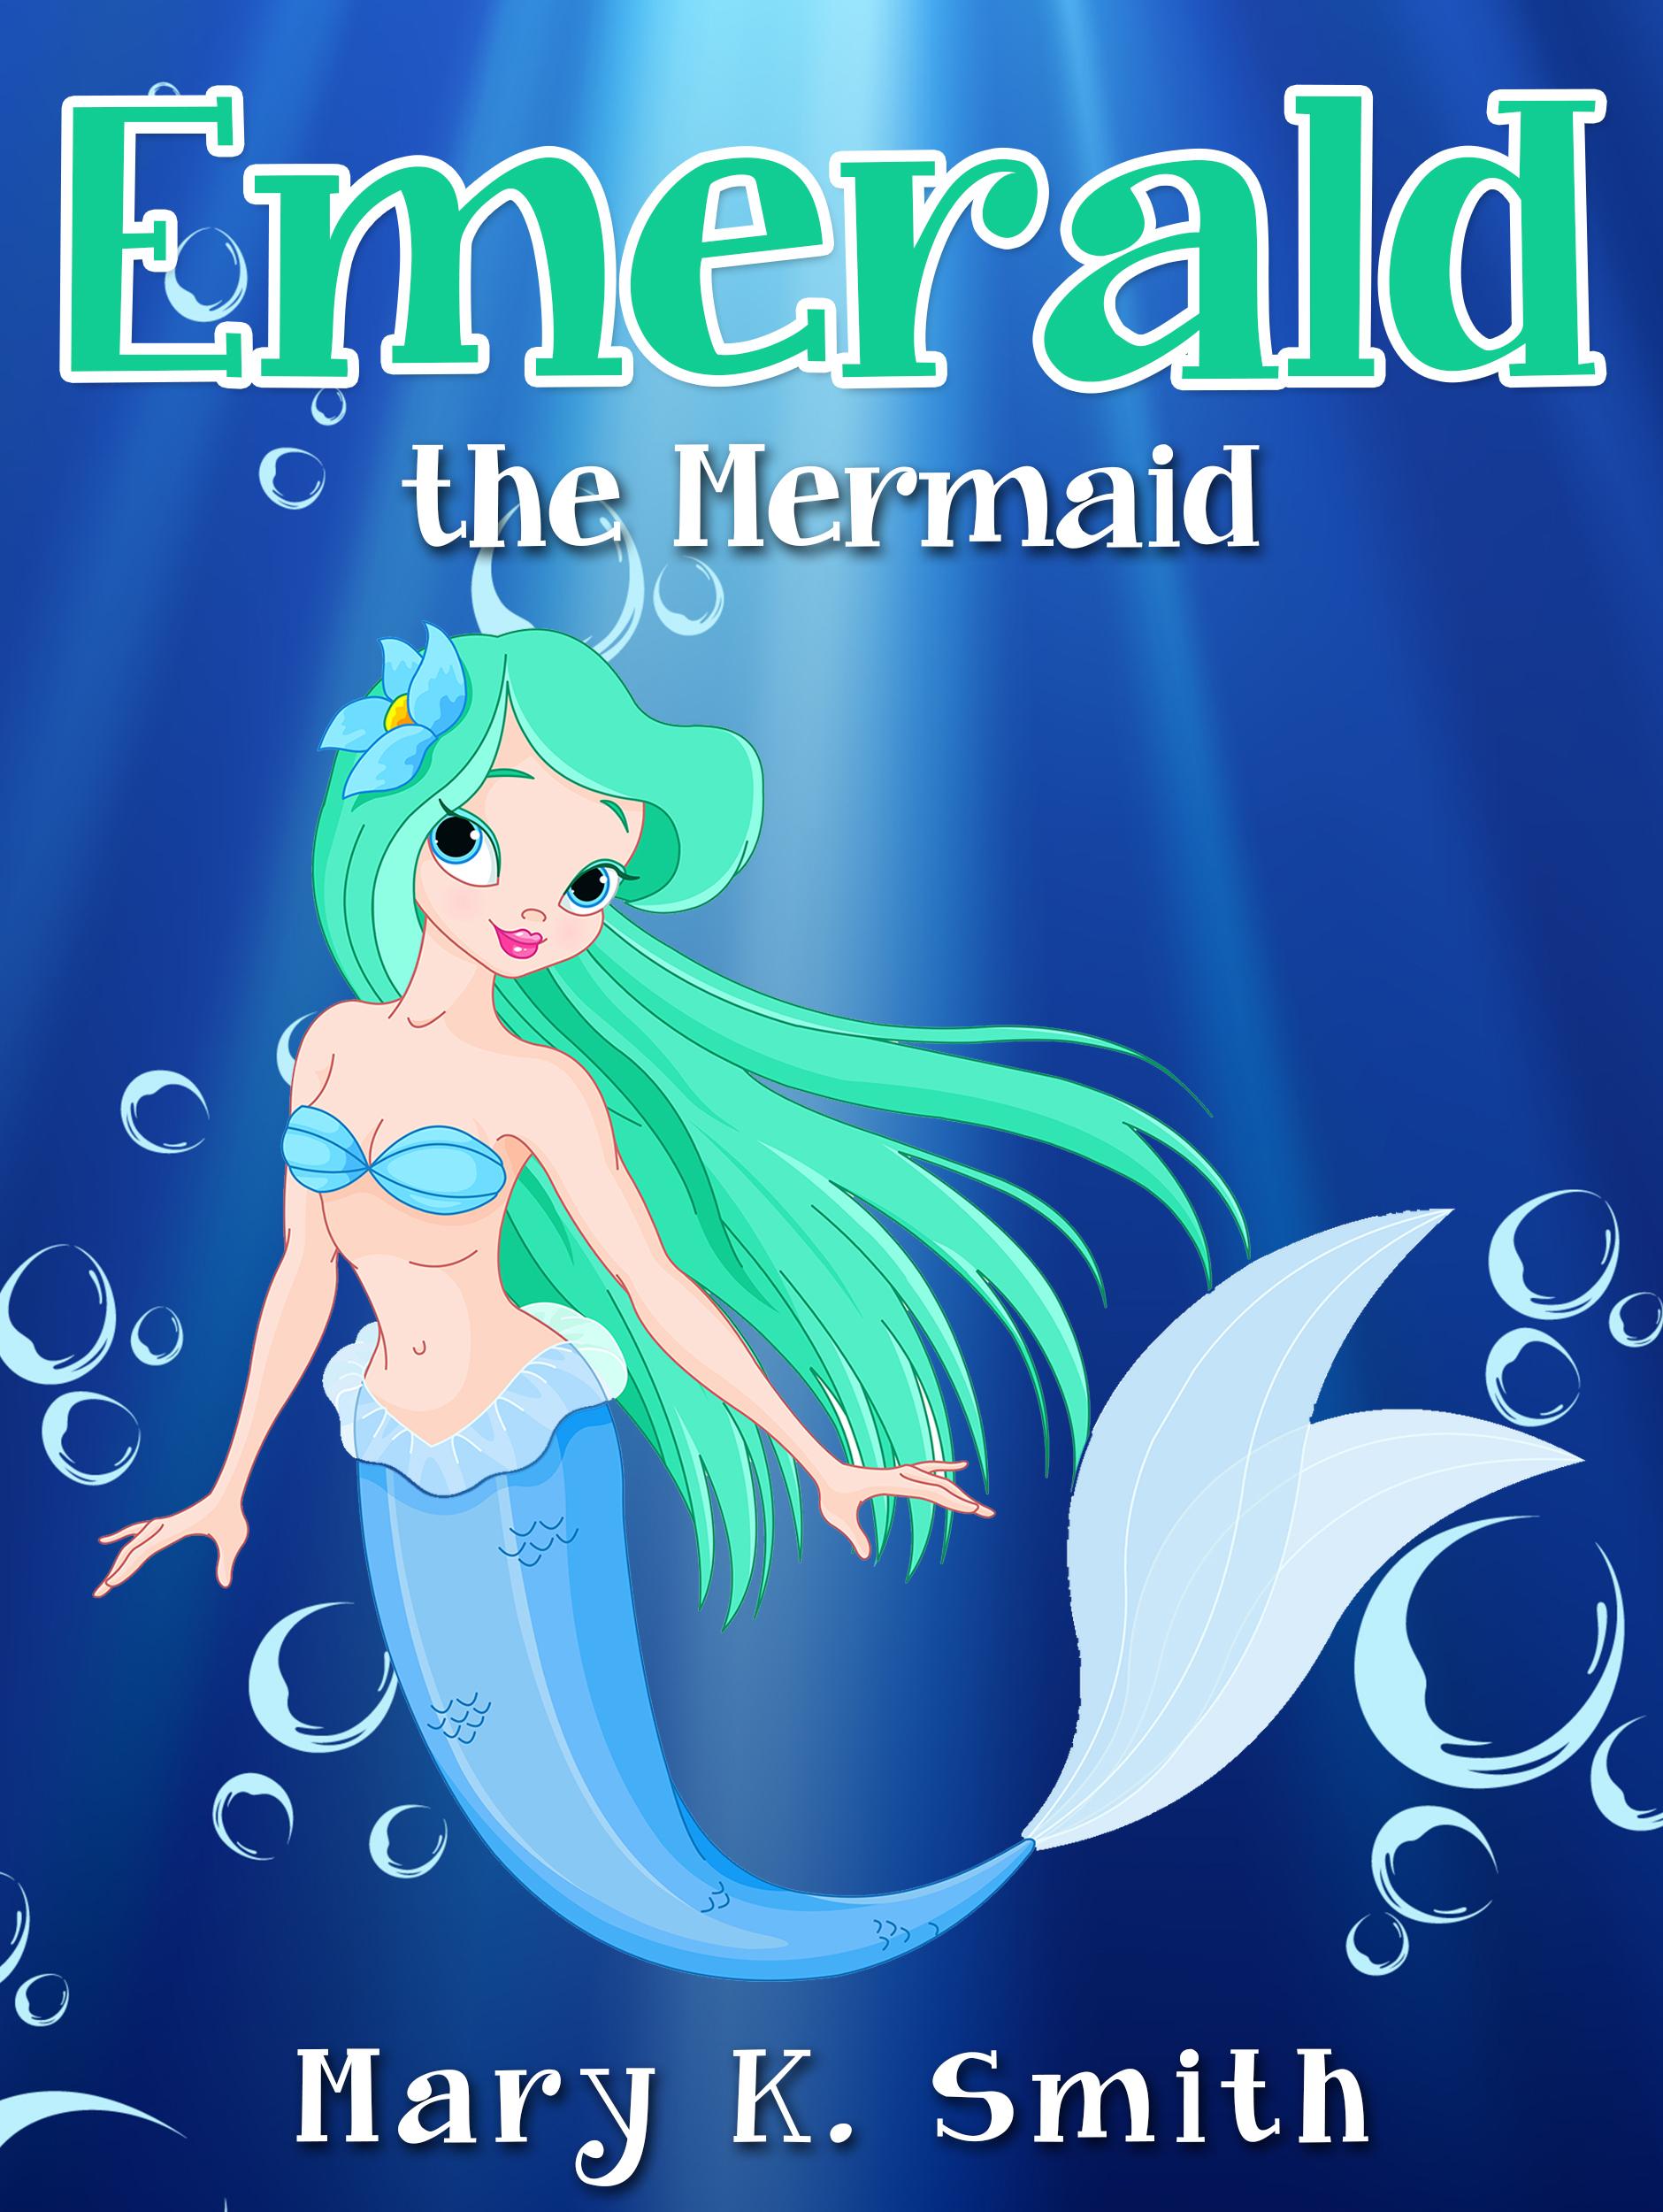 Emerald the Mermaid Mary Smith